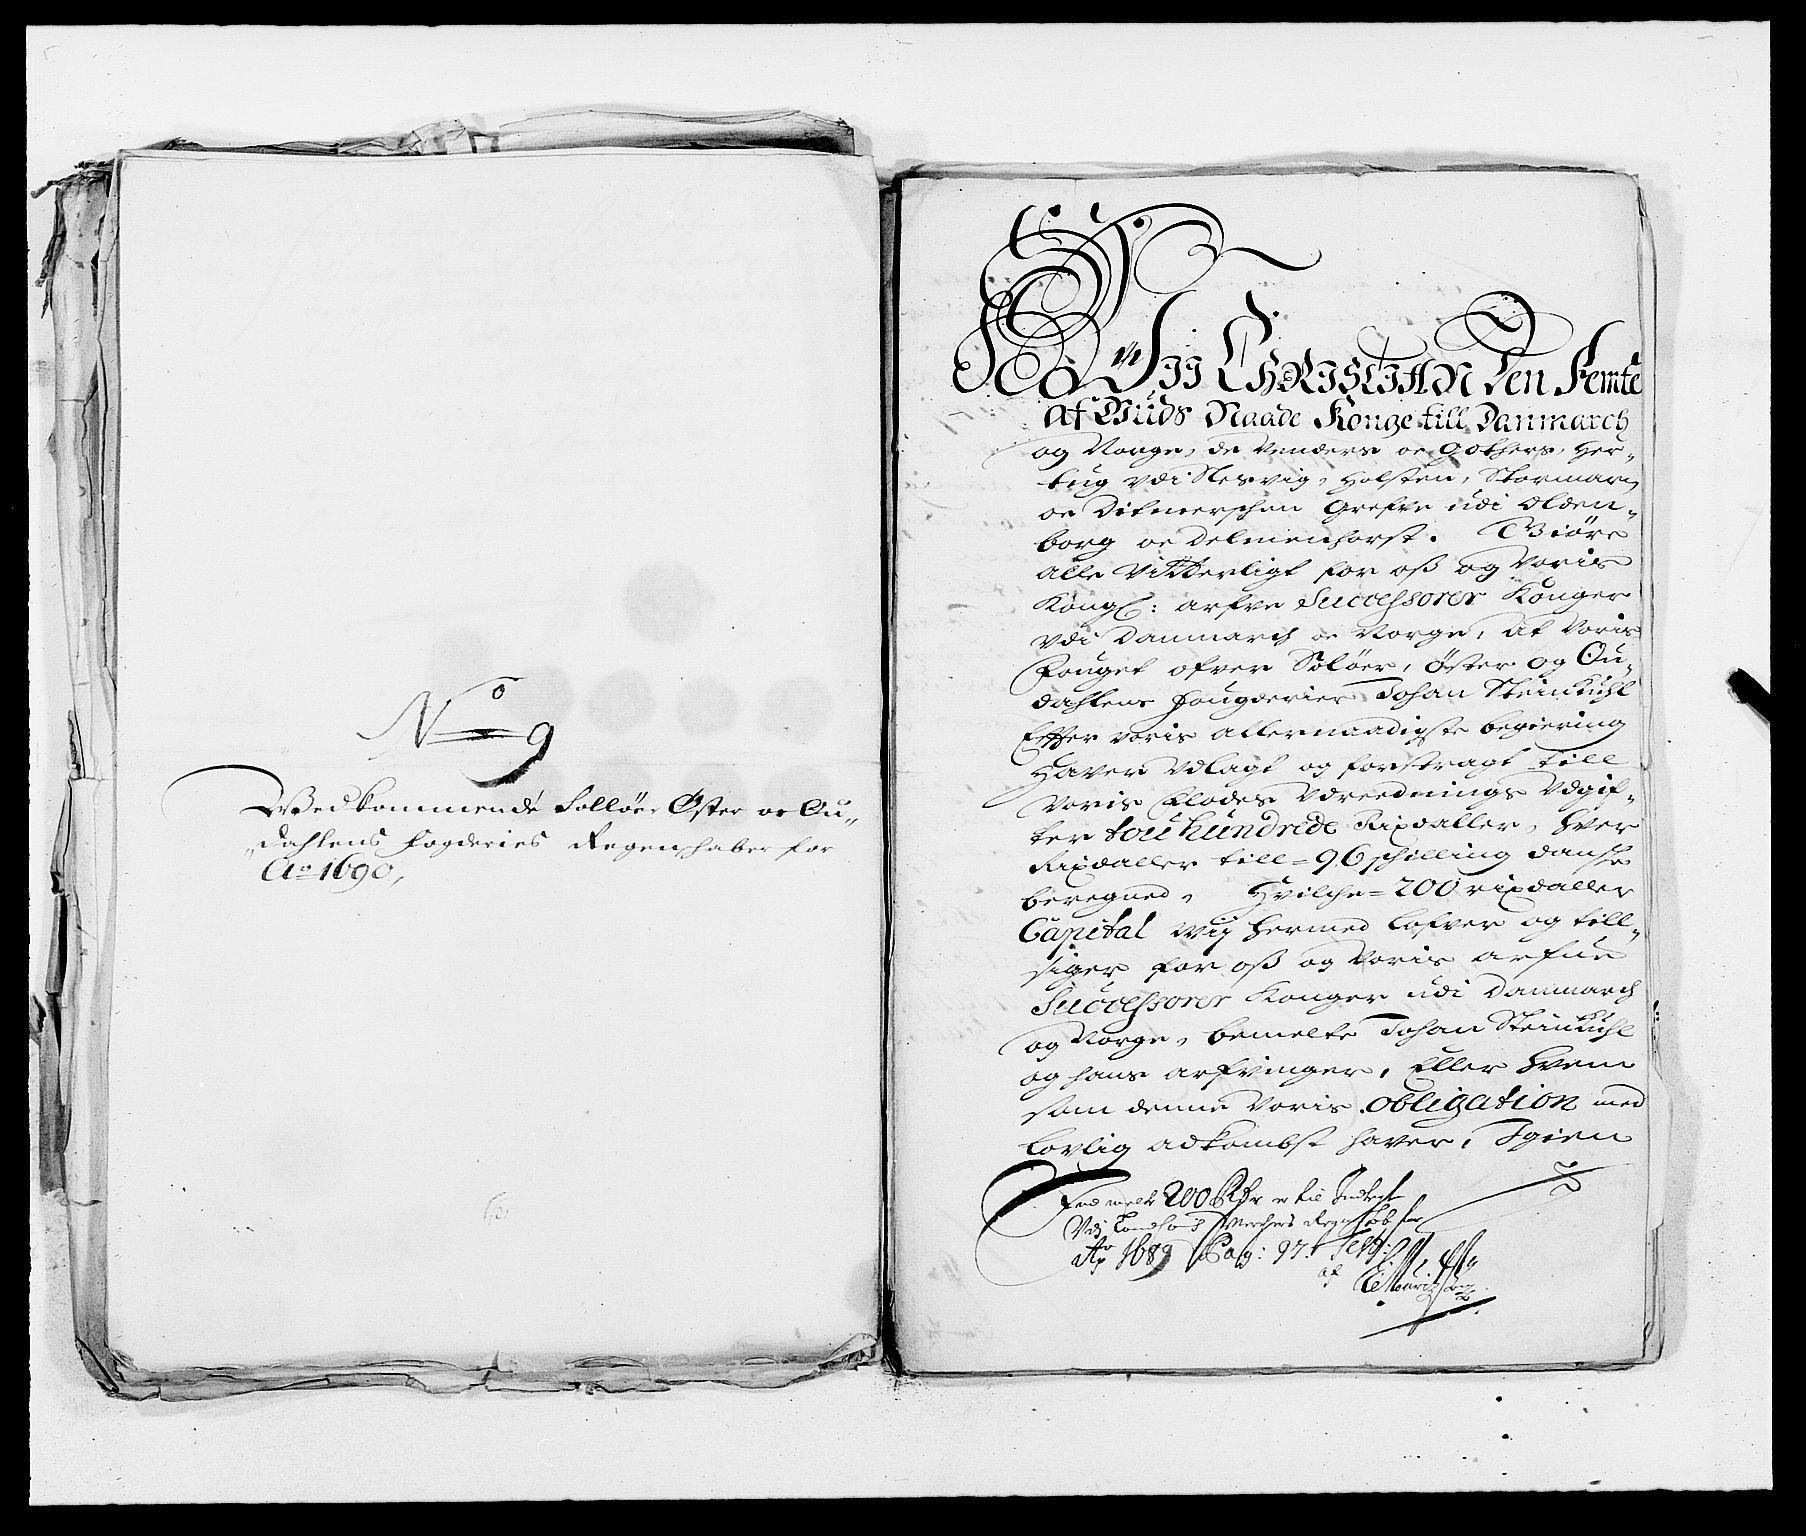 RA, Rentekammeret inntil 1814, Reviderte regnskaper, Fogderegnskap, R13/L0828: Fogderegnskap Solør, Odal og Østerdal, 1690, s. 306